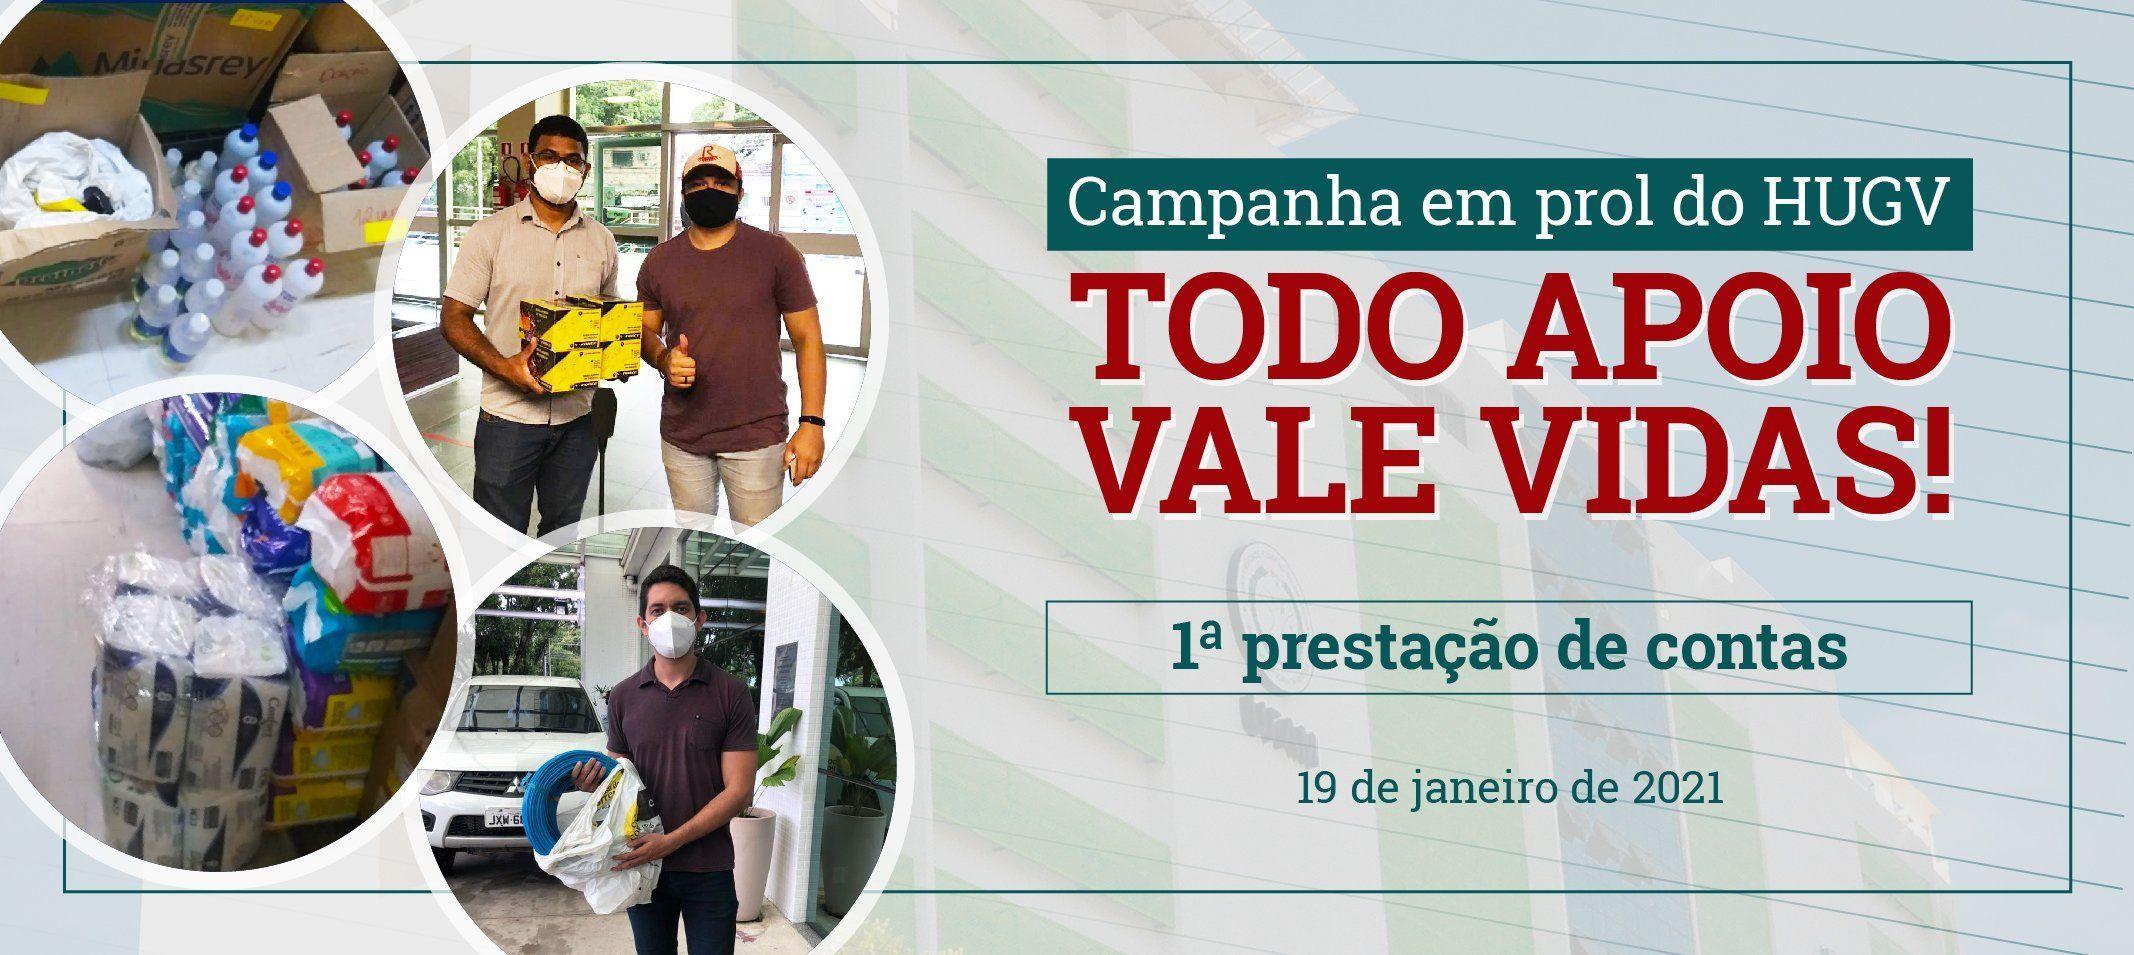 """Campanha """"Todo apoio vale vidas"""" arrecada R$ 39.490,57 em quatro dias"""